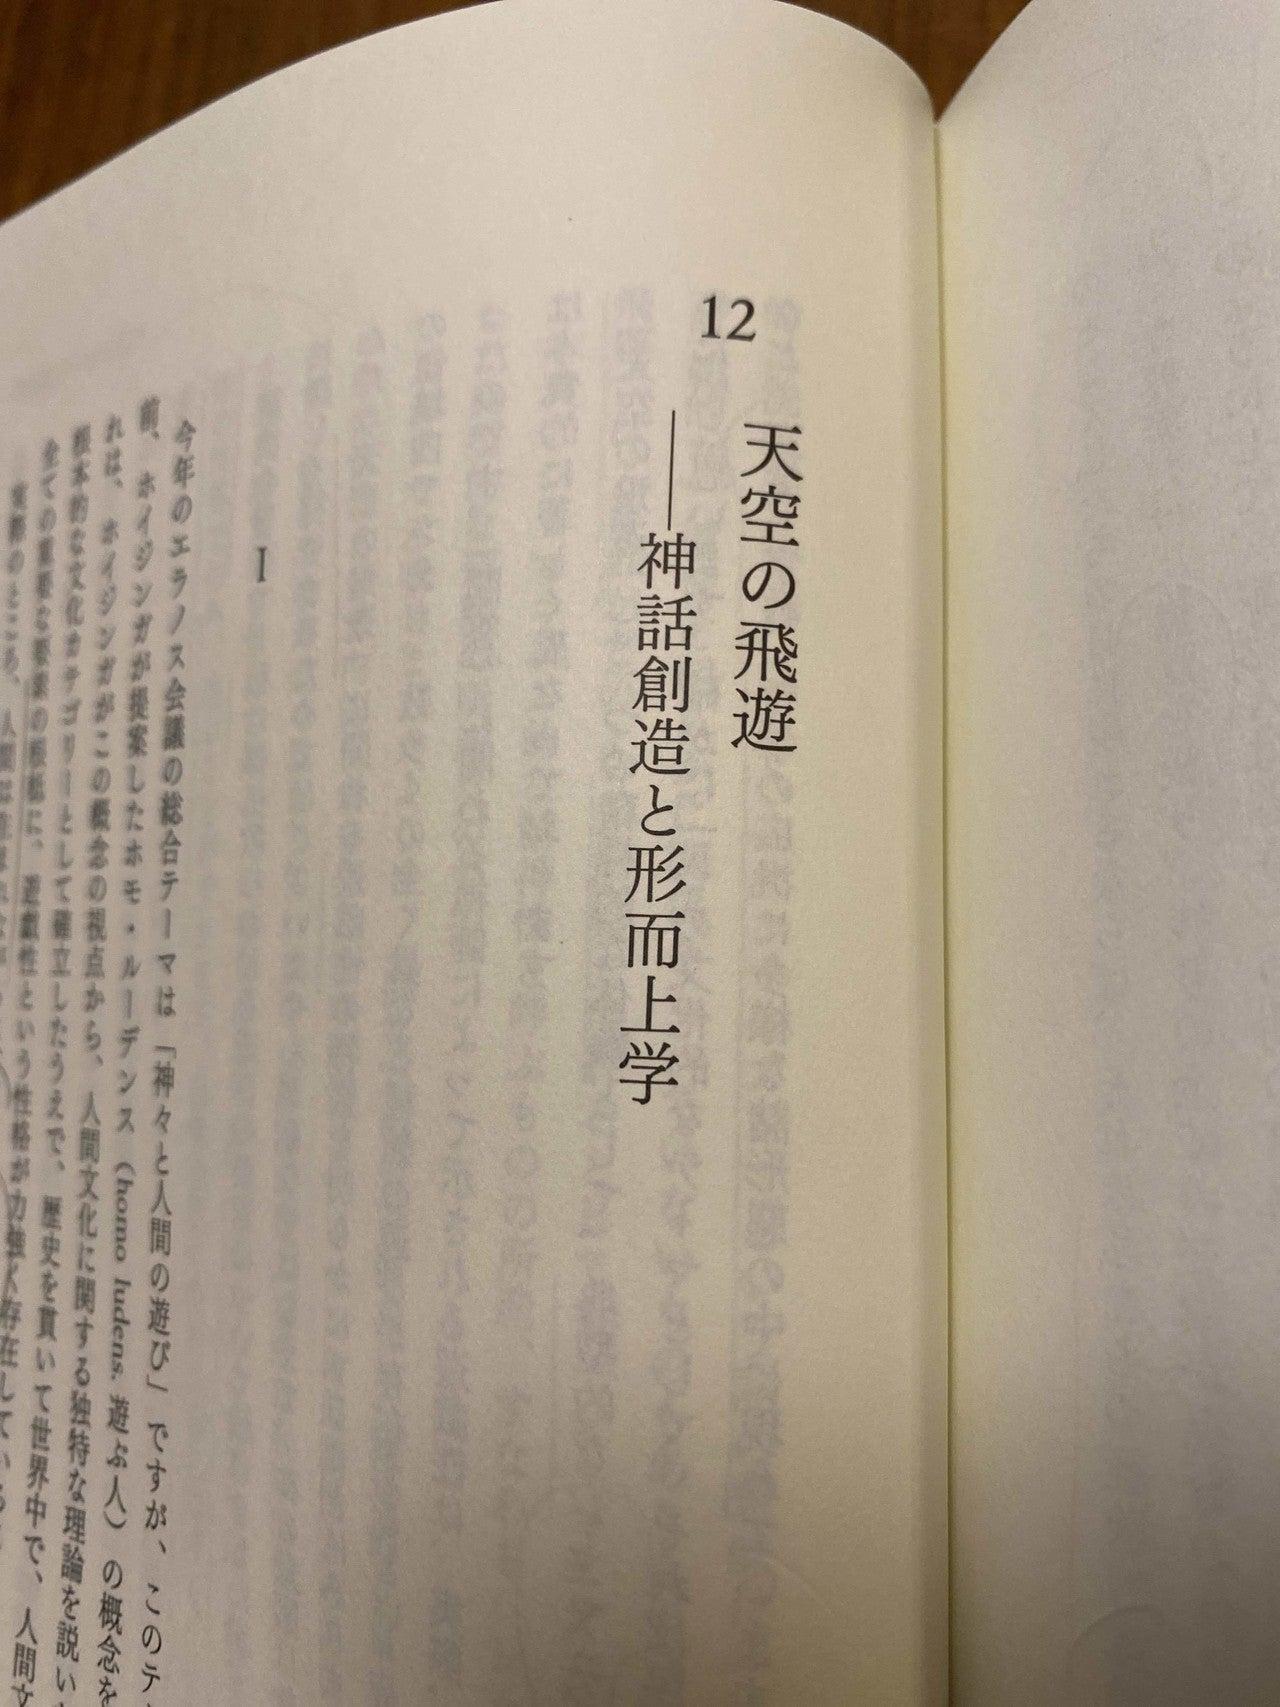 意味 両義 的 初期ハイデガーの「ケア(配慮)」の概念